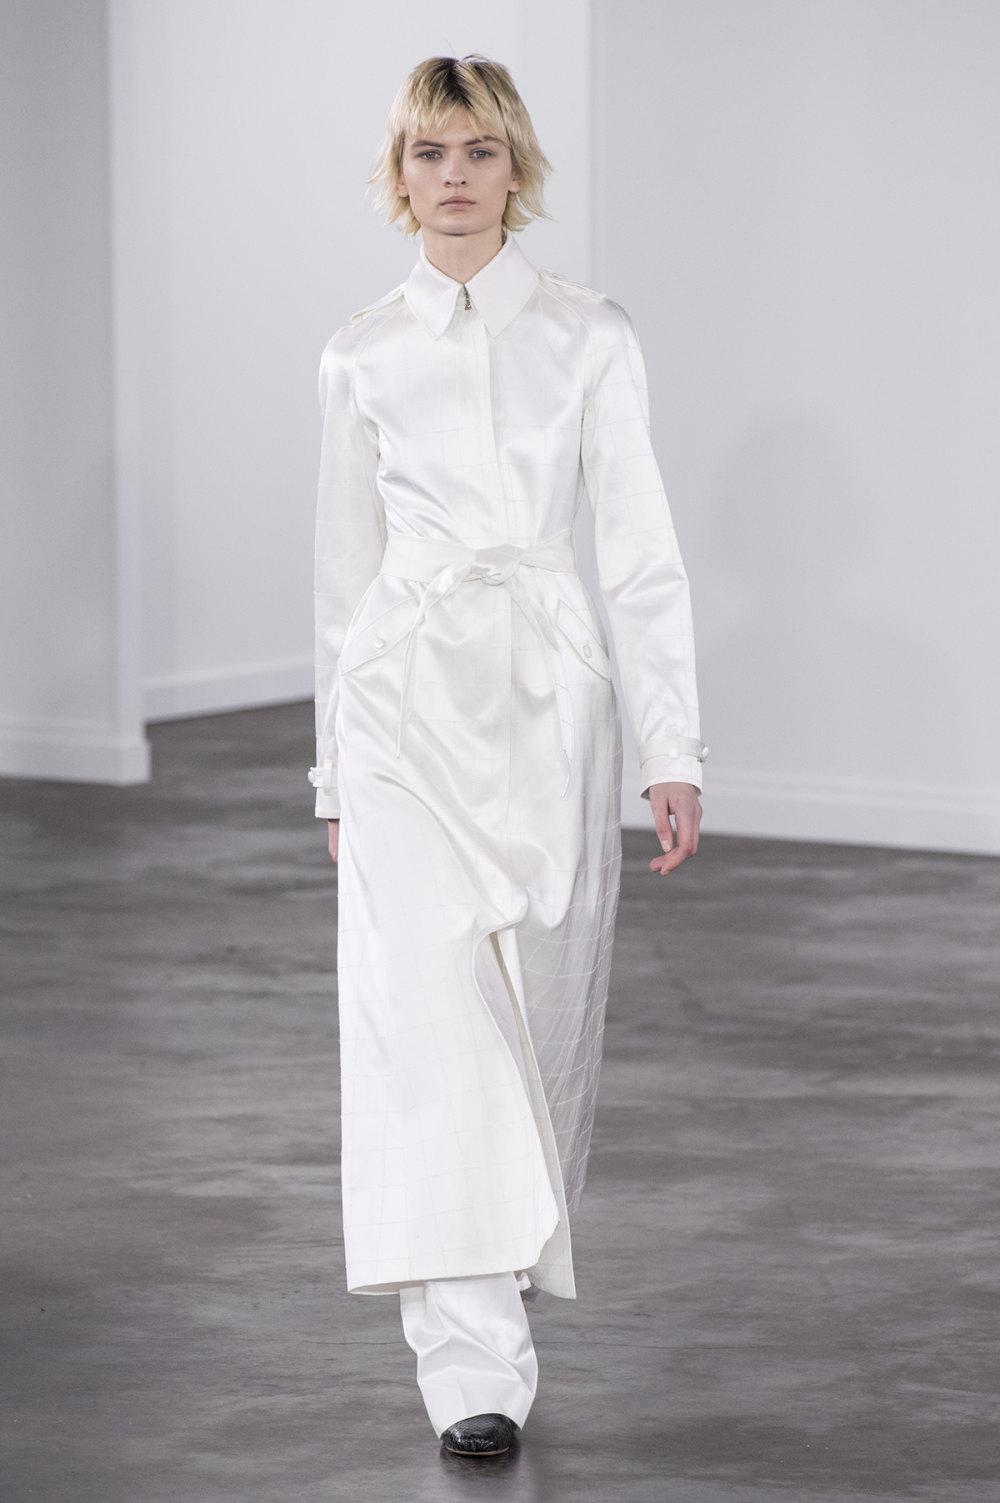 Gabriela Hearst时装系列细条纹西装和宽大毛衣之间形成鲜明对比-34.jpg